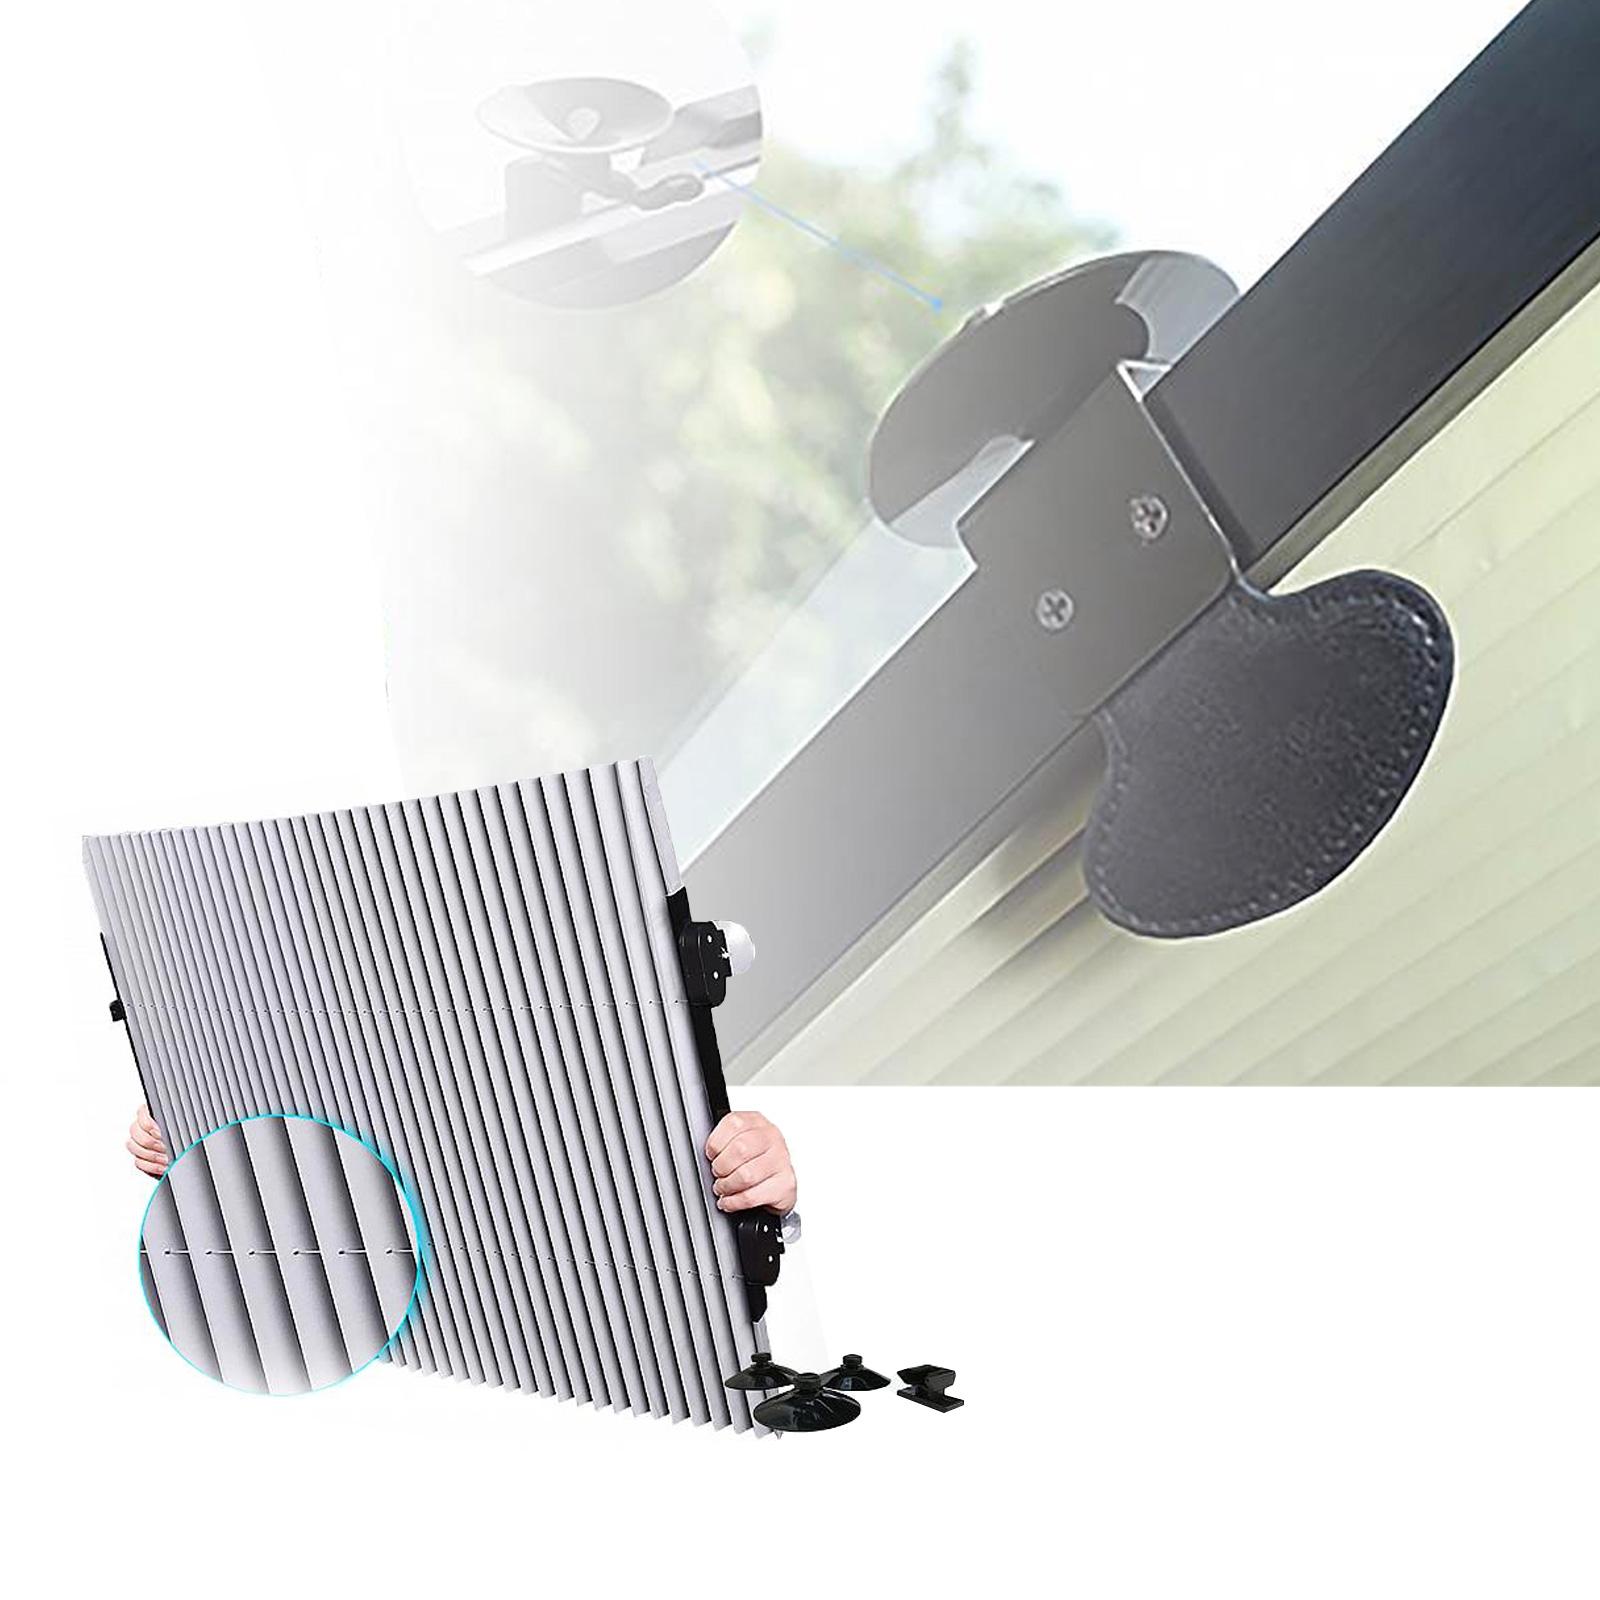 Frontscheibenrollo Plissee für Frontscheibe innen, 70cm, universal